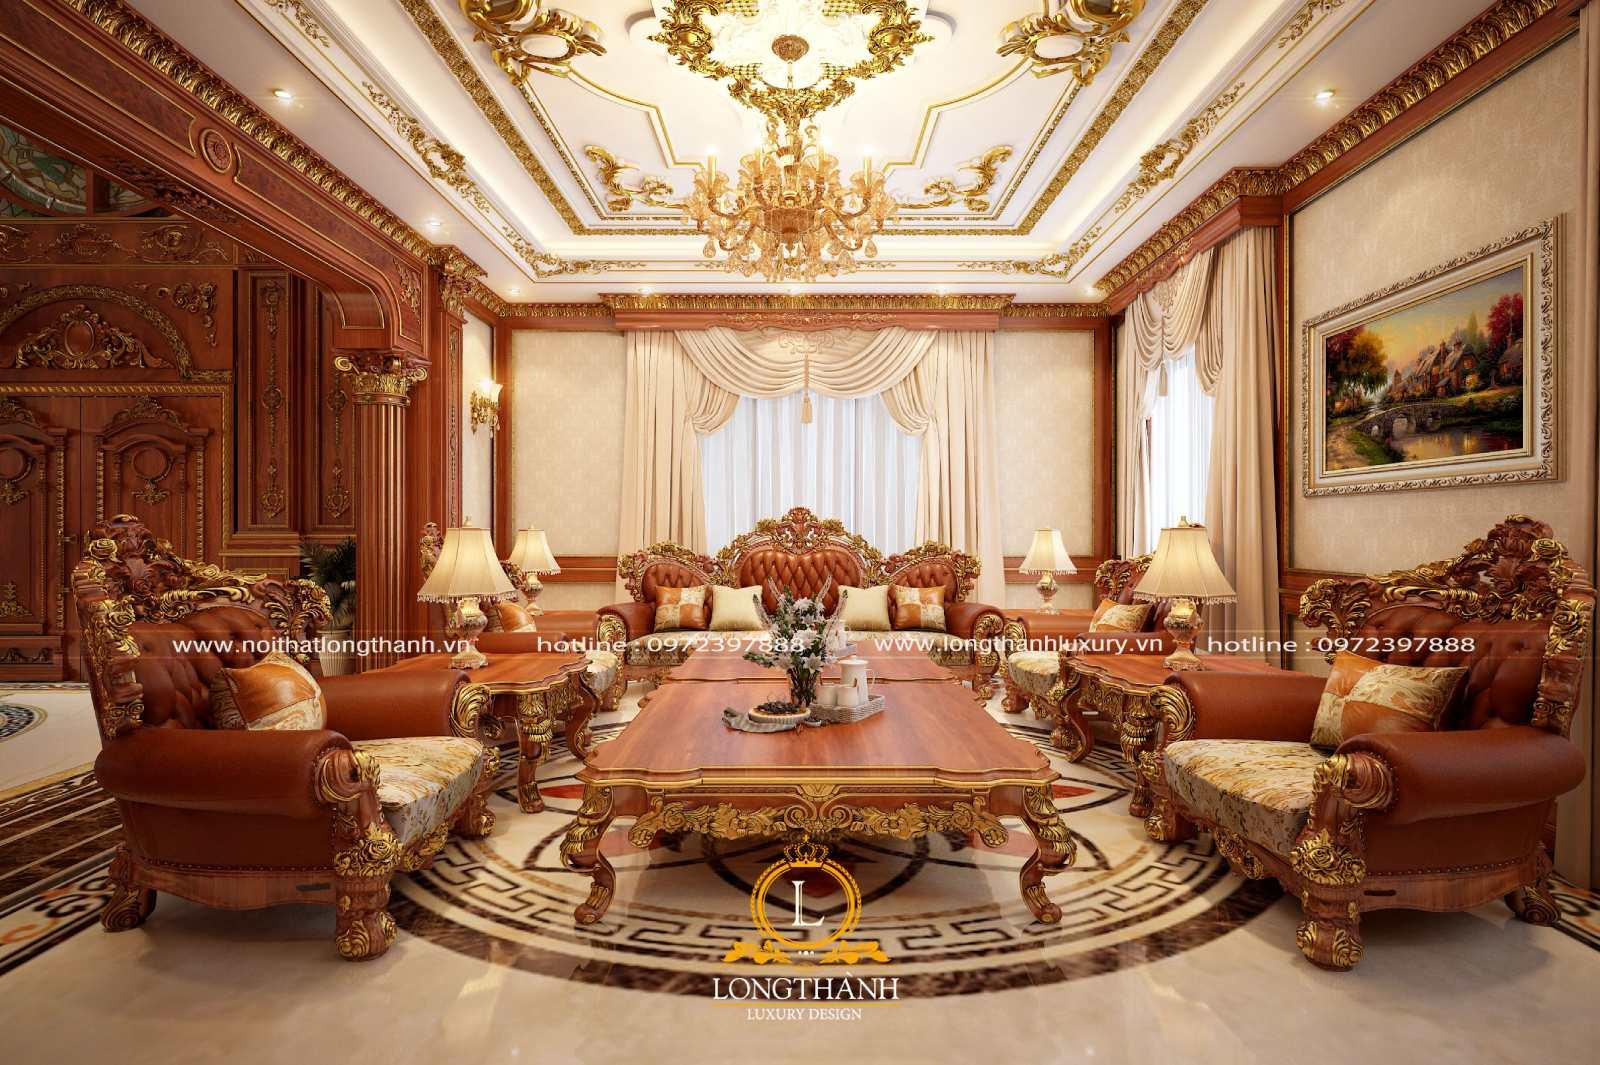 sofa mạ vàng tân cổ điển